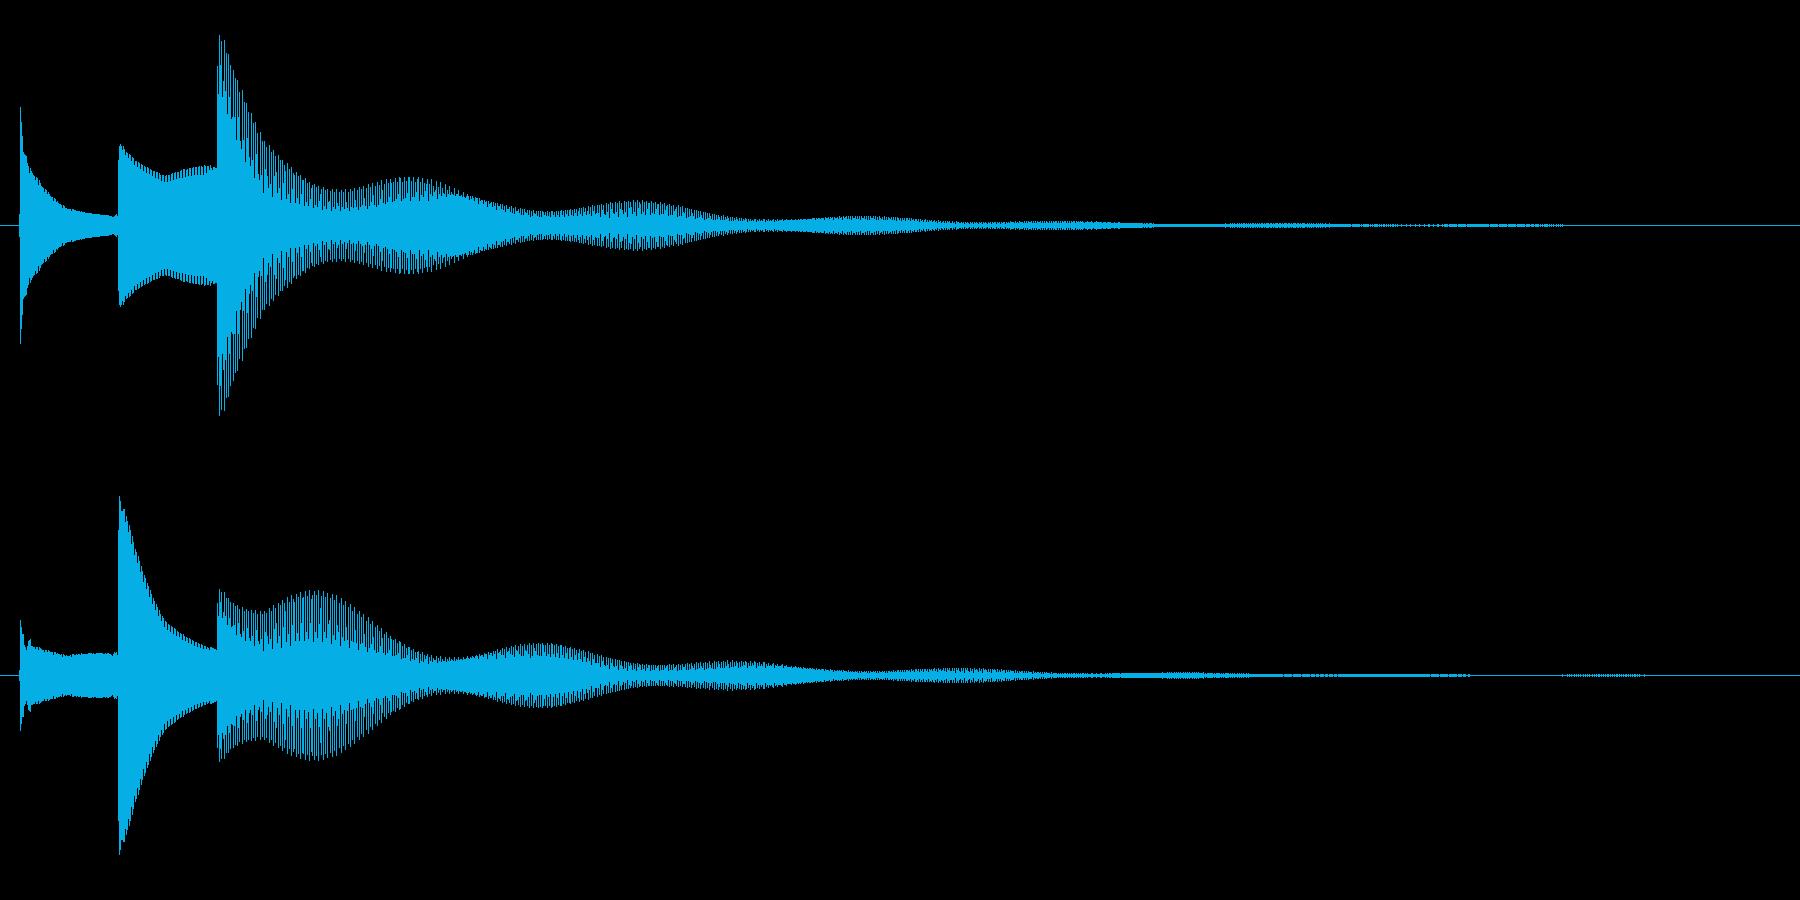 ぴん↑ぽん↑ぱーん↓の再生済みの波形